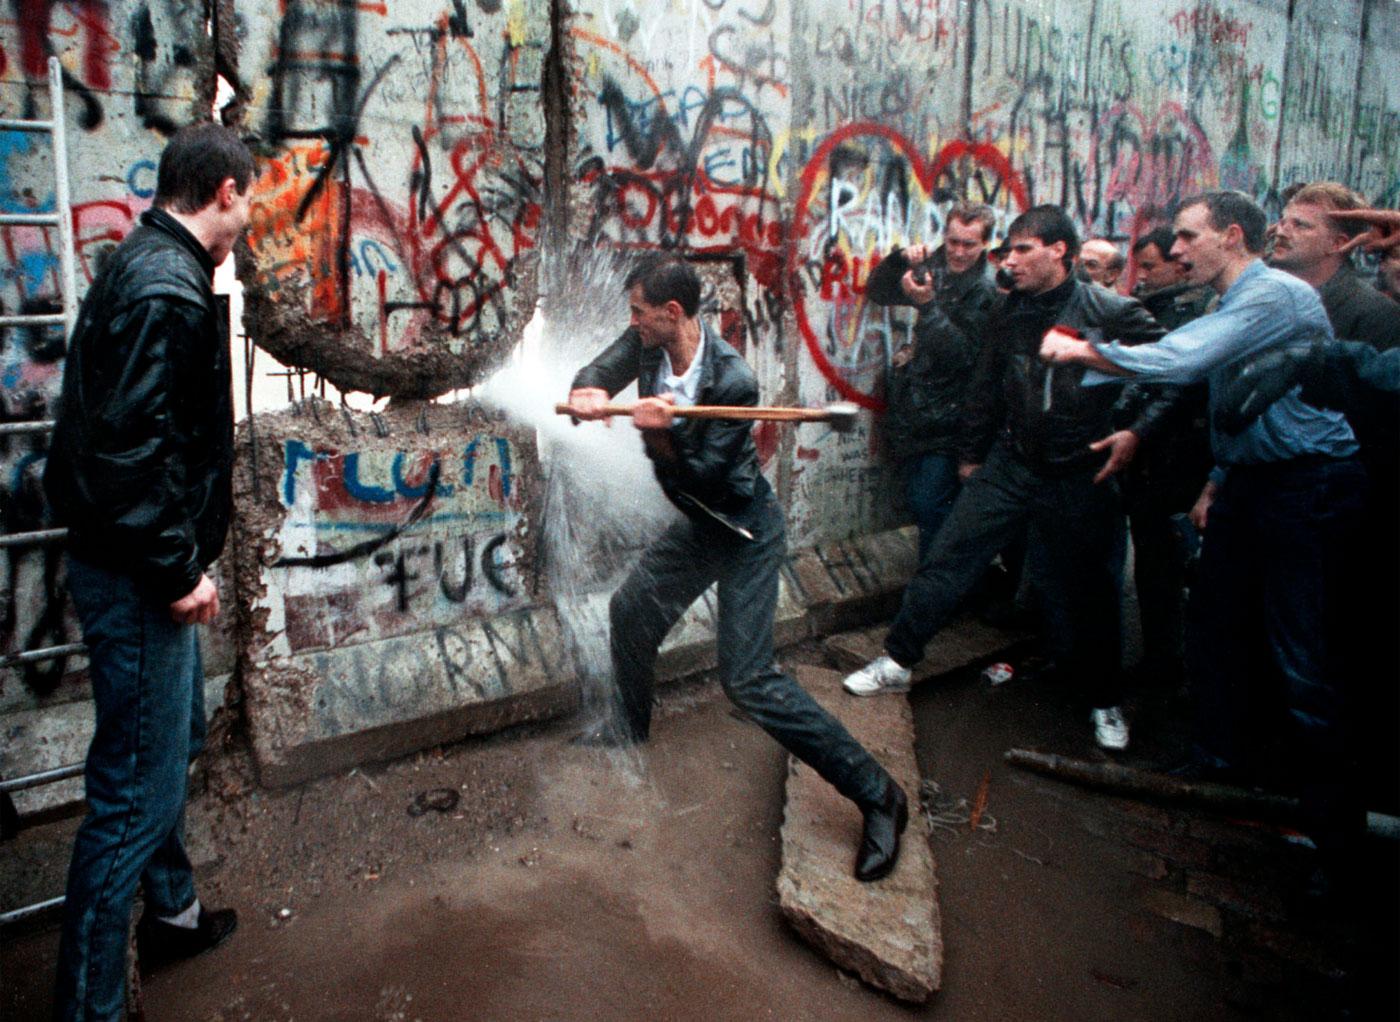 La caduta del muro di berlino e la riunificazione tedesca for Immagini di murales e graffiti